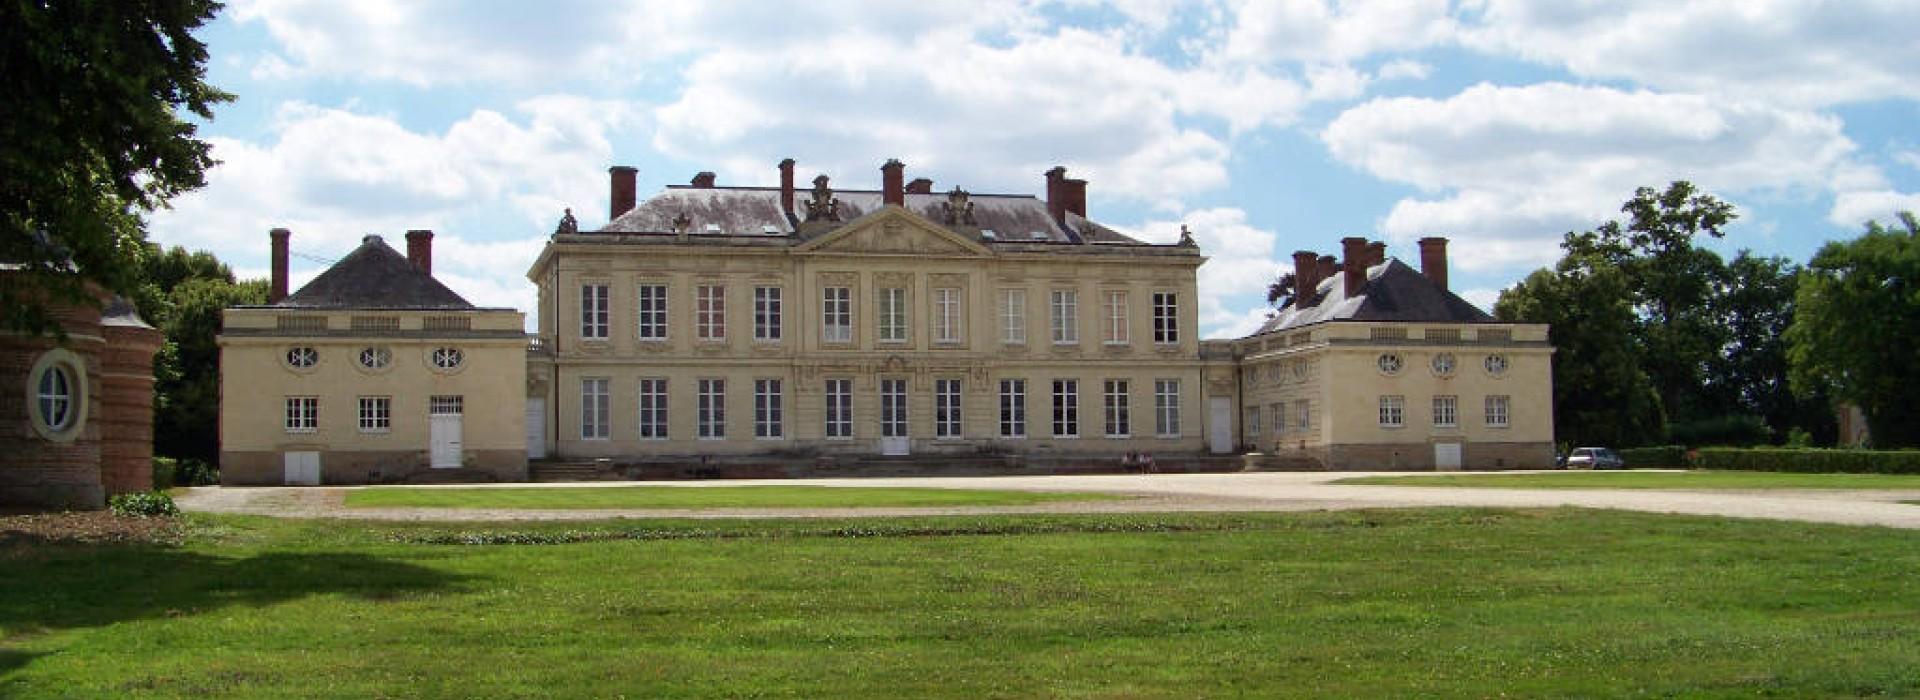 Chambres d 39 hotes du chateau de craon chambres d 39 h tes en pays de la loire - Chambres d hotes chateau d olonne ...